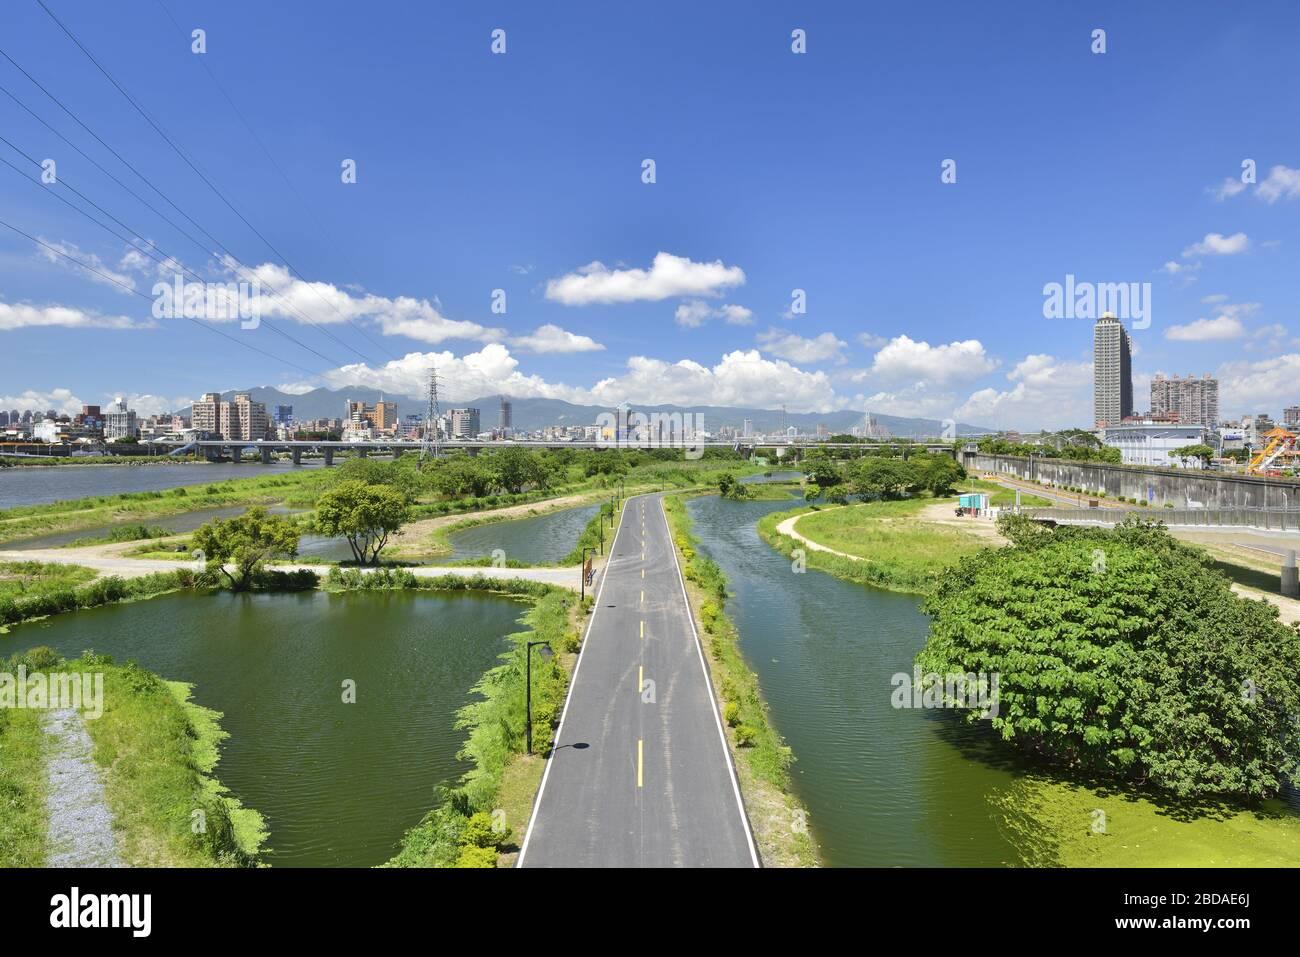 Xinhai Constructed Wetland Taiwan Stock Photo Alamy